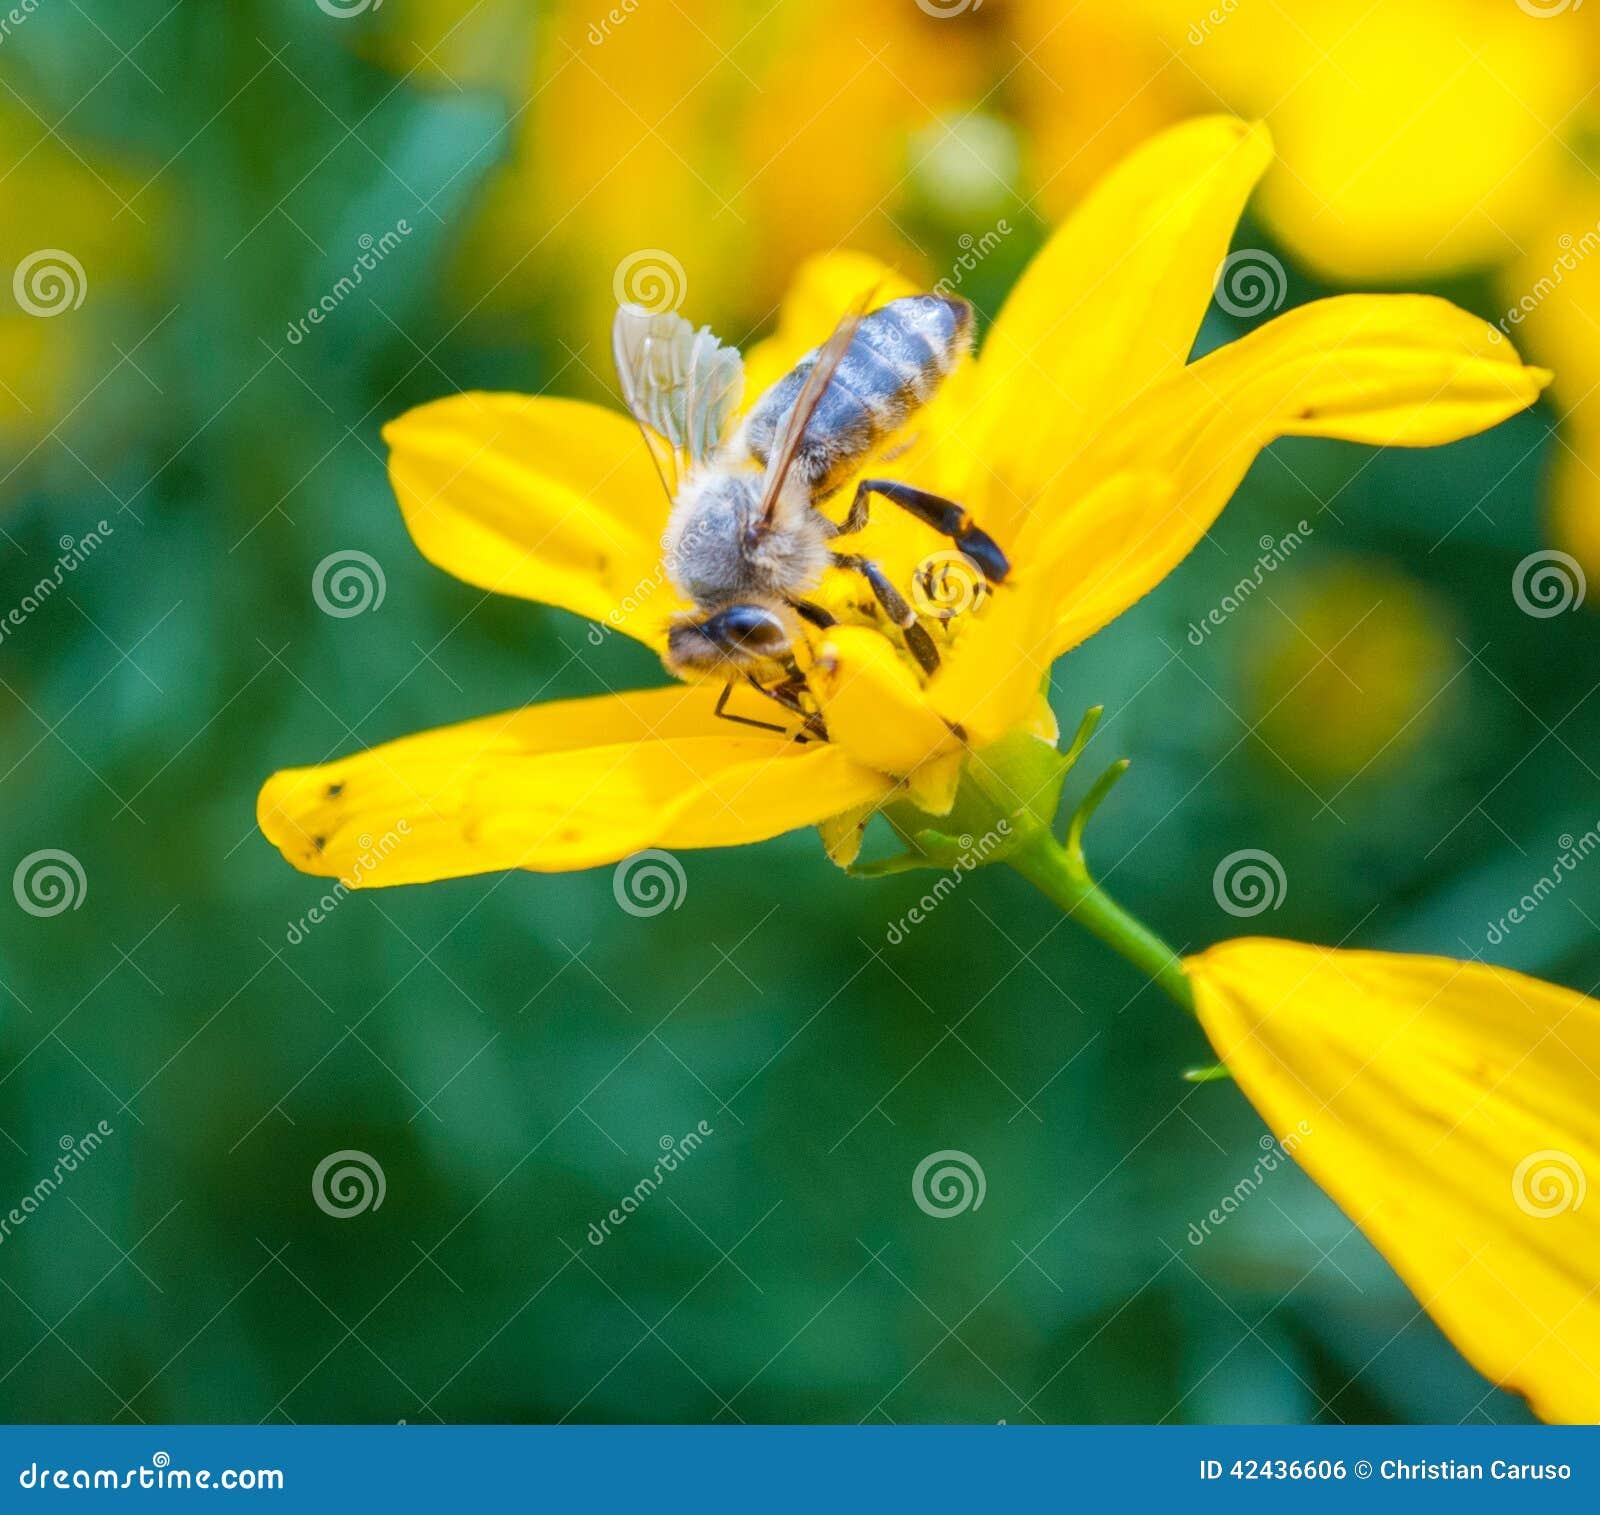 Aspirar el néctar